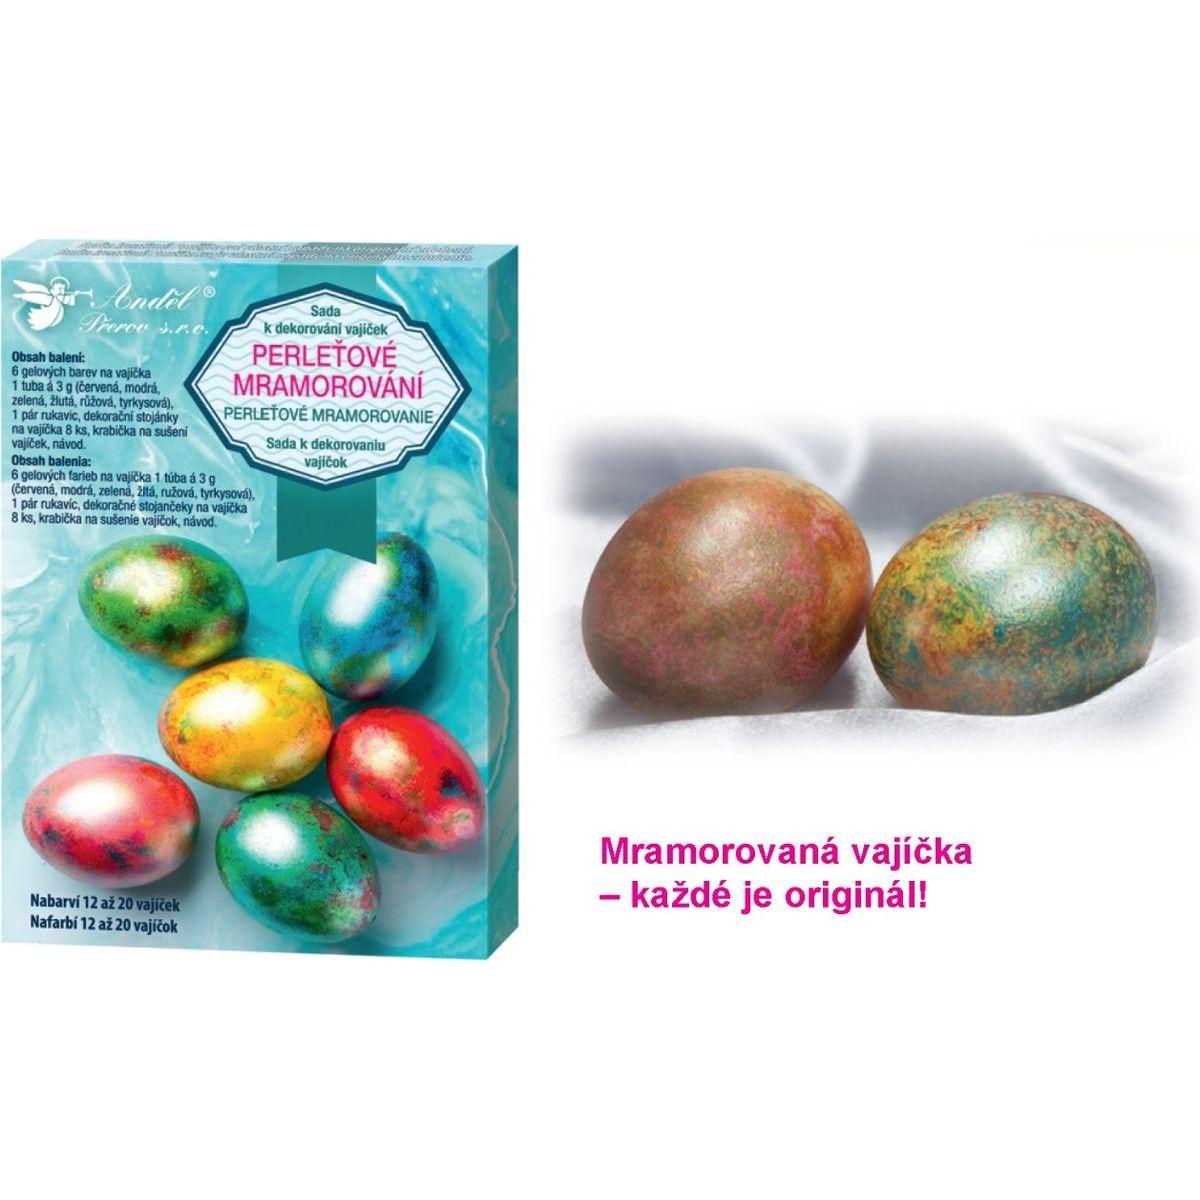 Sada k dekorovanie vajíčok - perleťový mramor